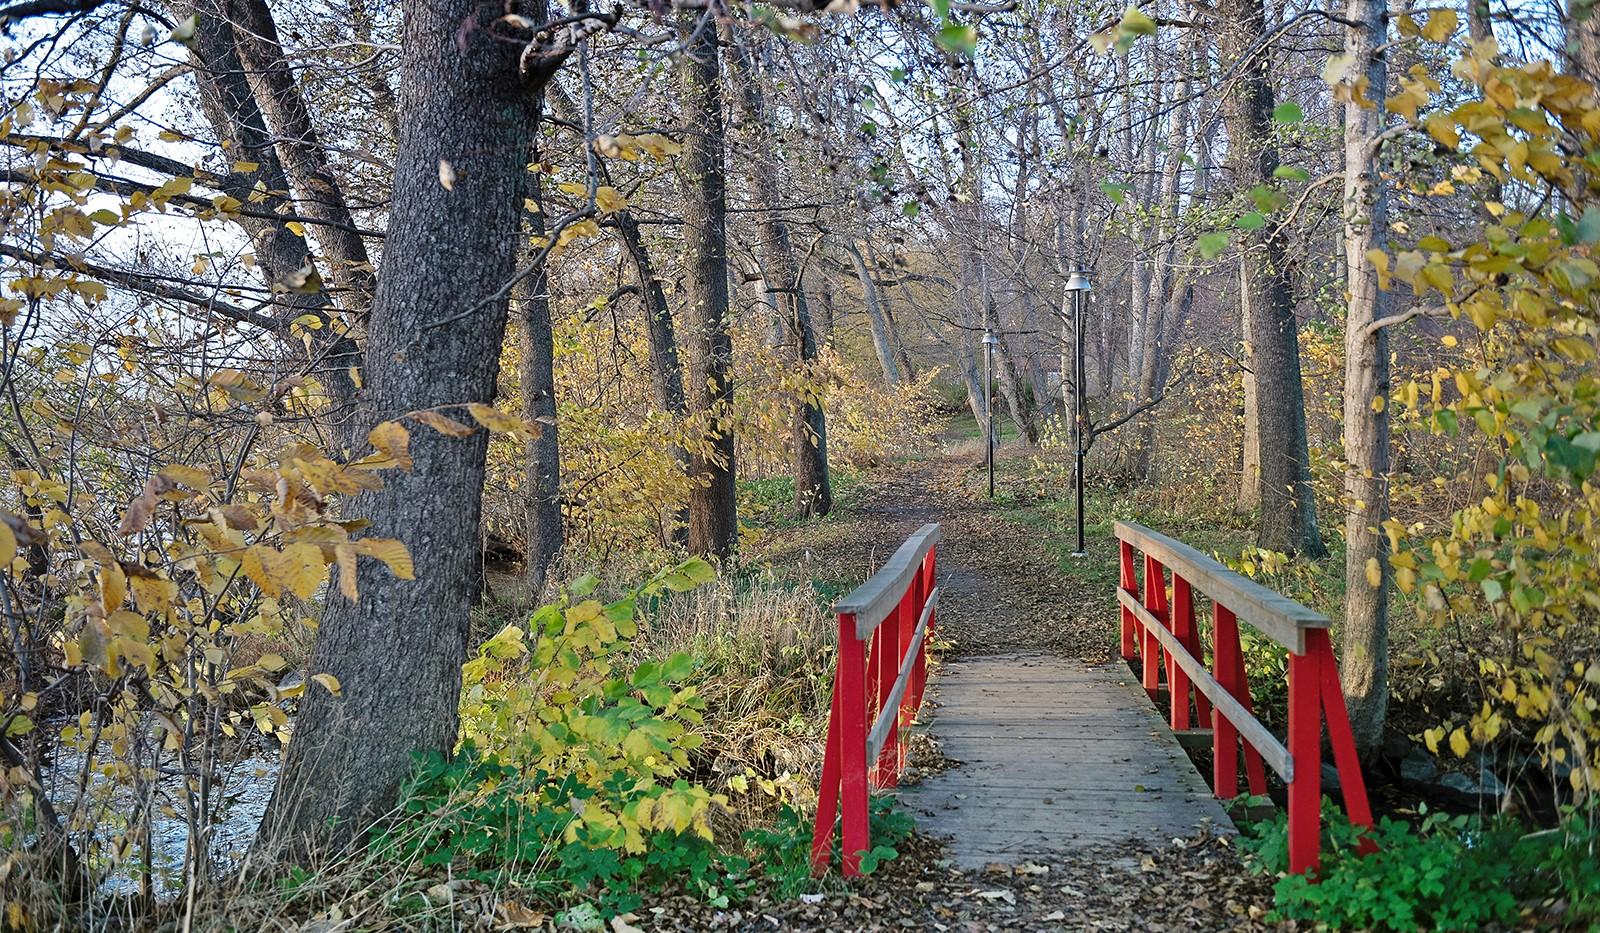 Vårby allé 31, 1tr - Nära till vackra grönområden